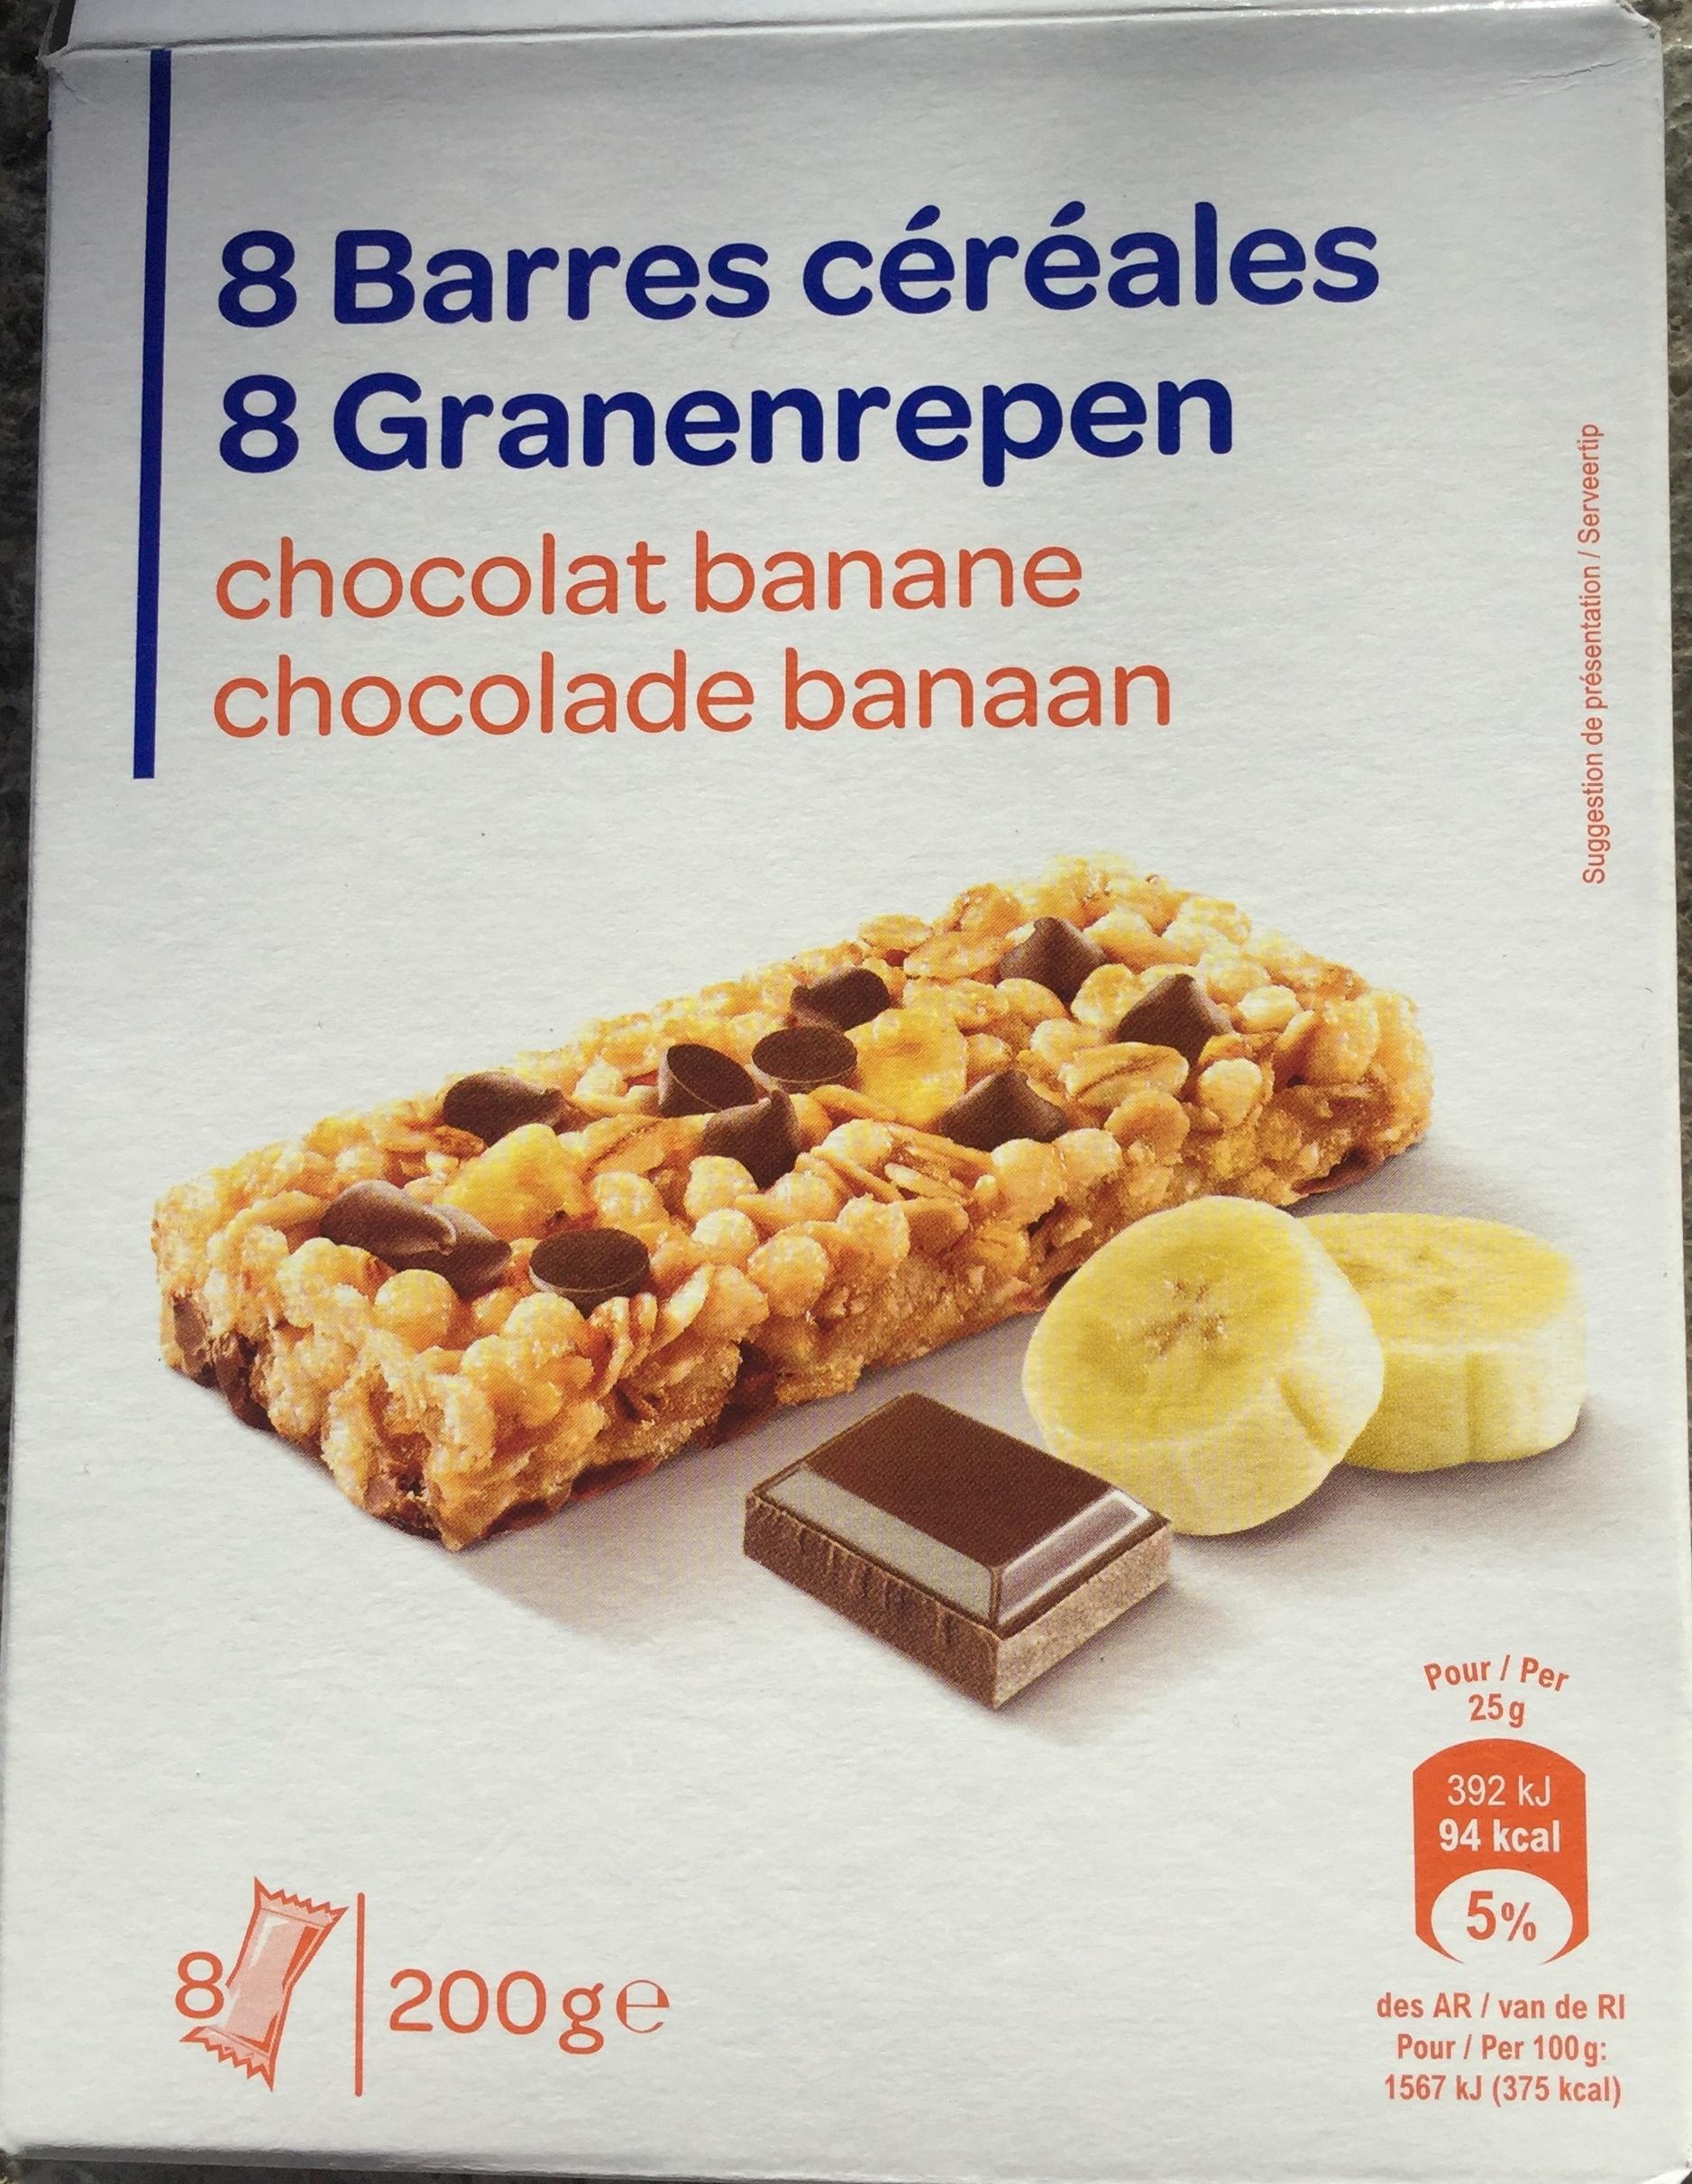 Barres céréales Chocolat Banane - Product